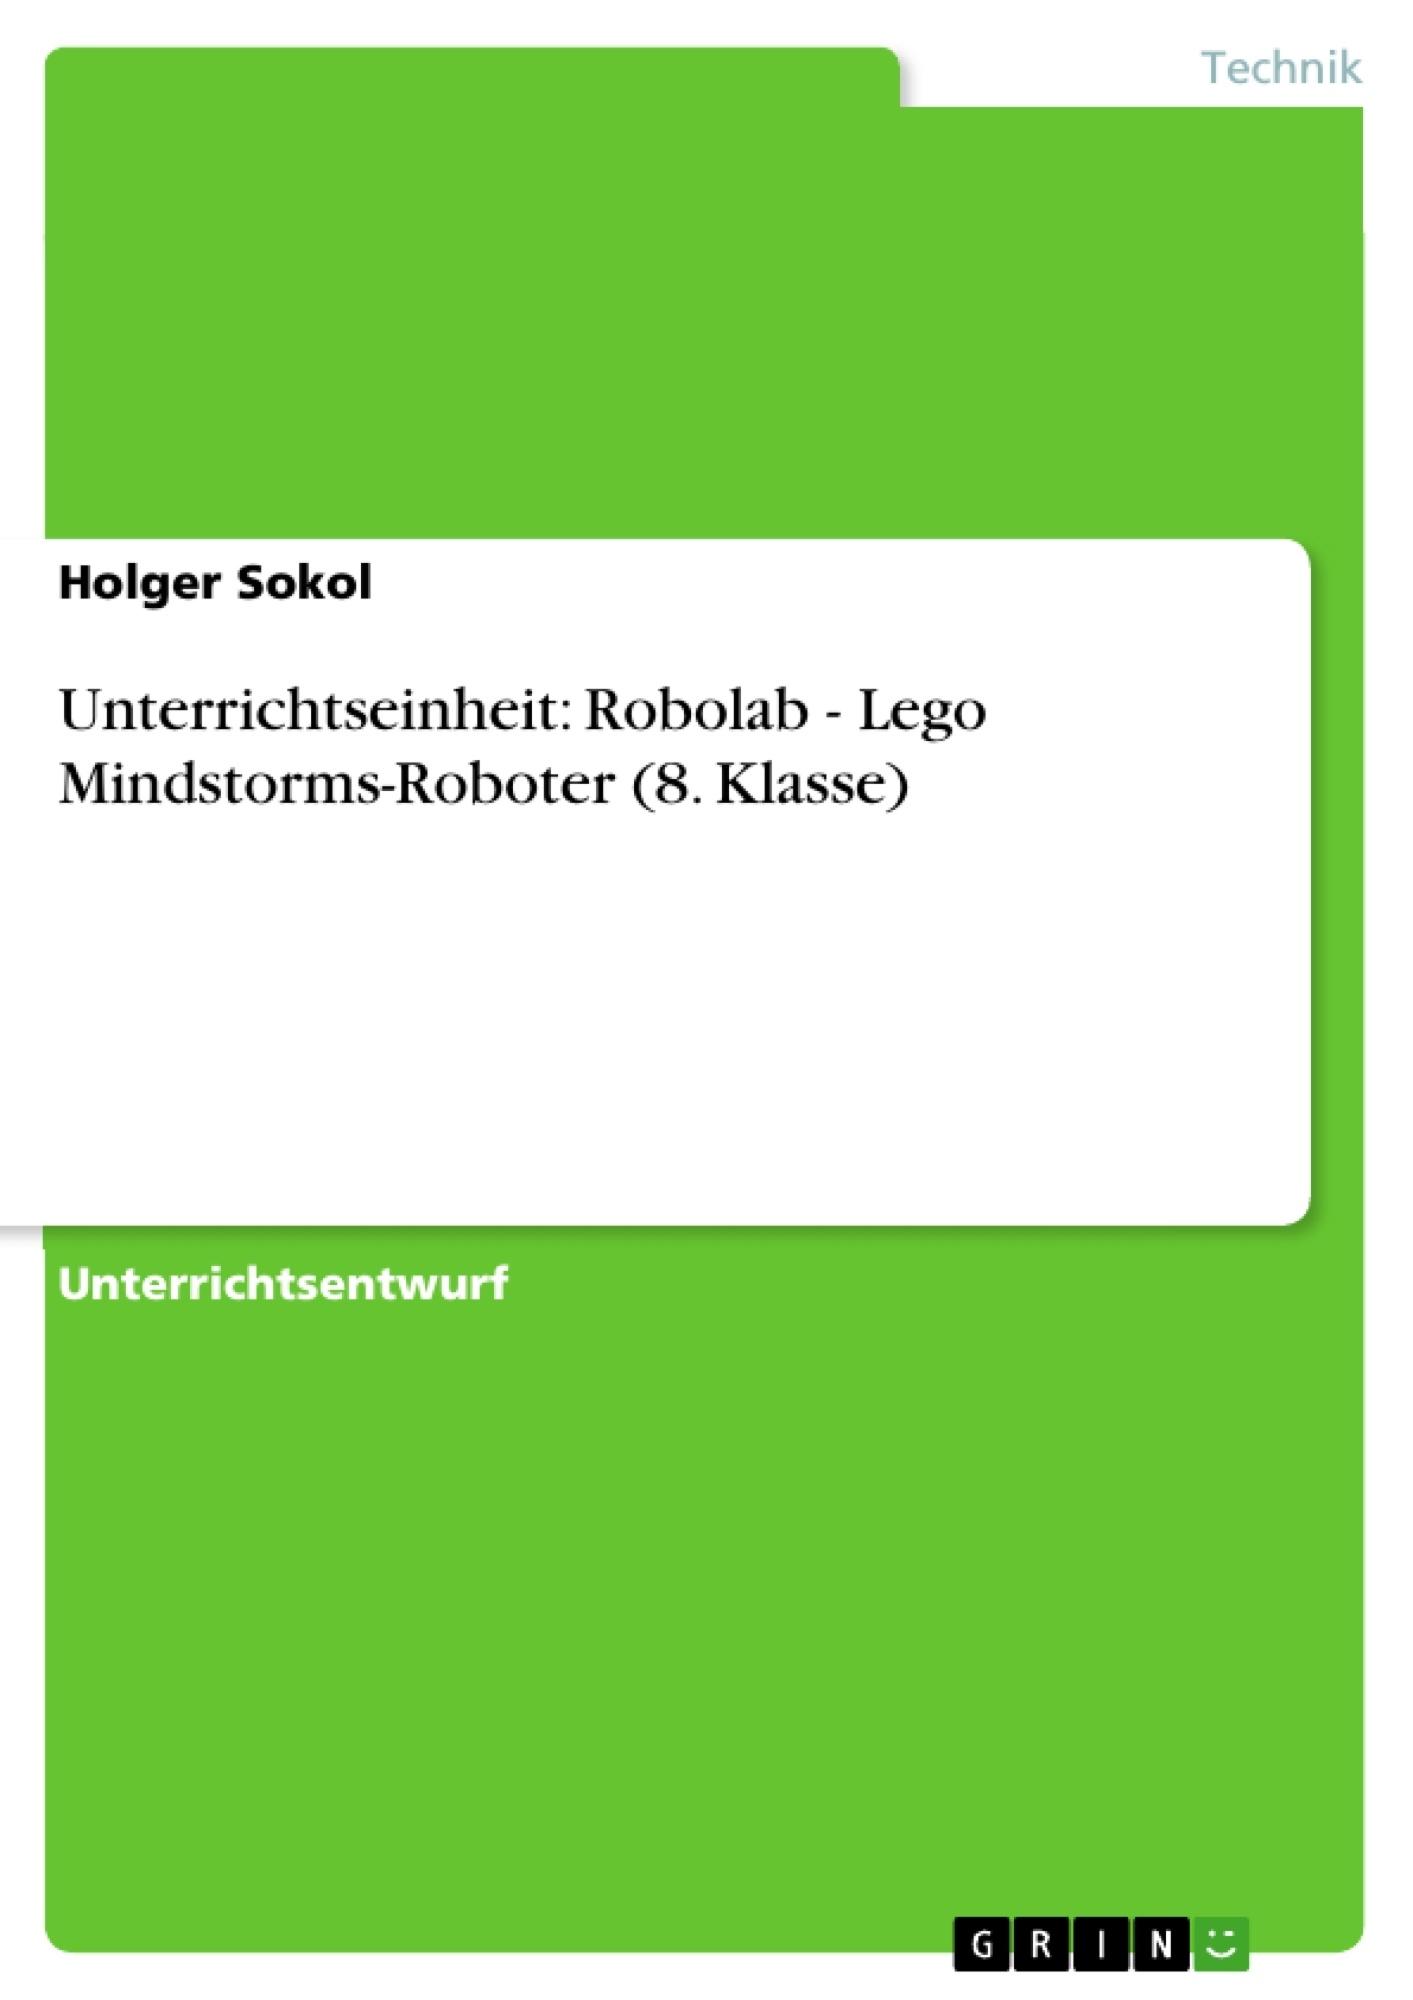 Titel: Unterrichtseinheit: Robolab - Lego Mindstorms-Roboter (8. Klasse)